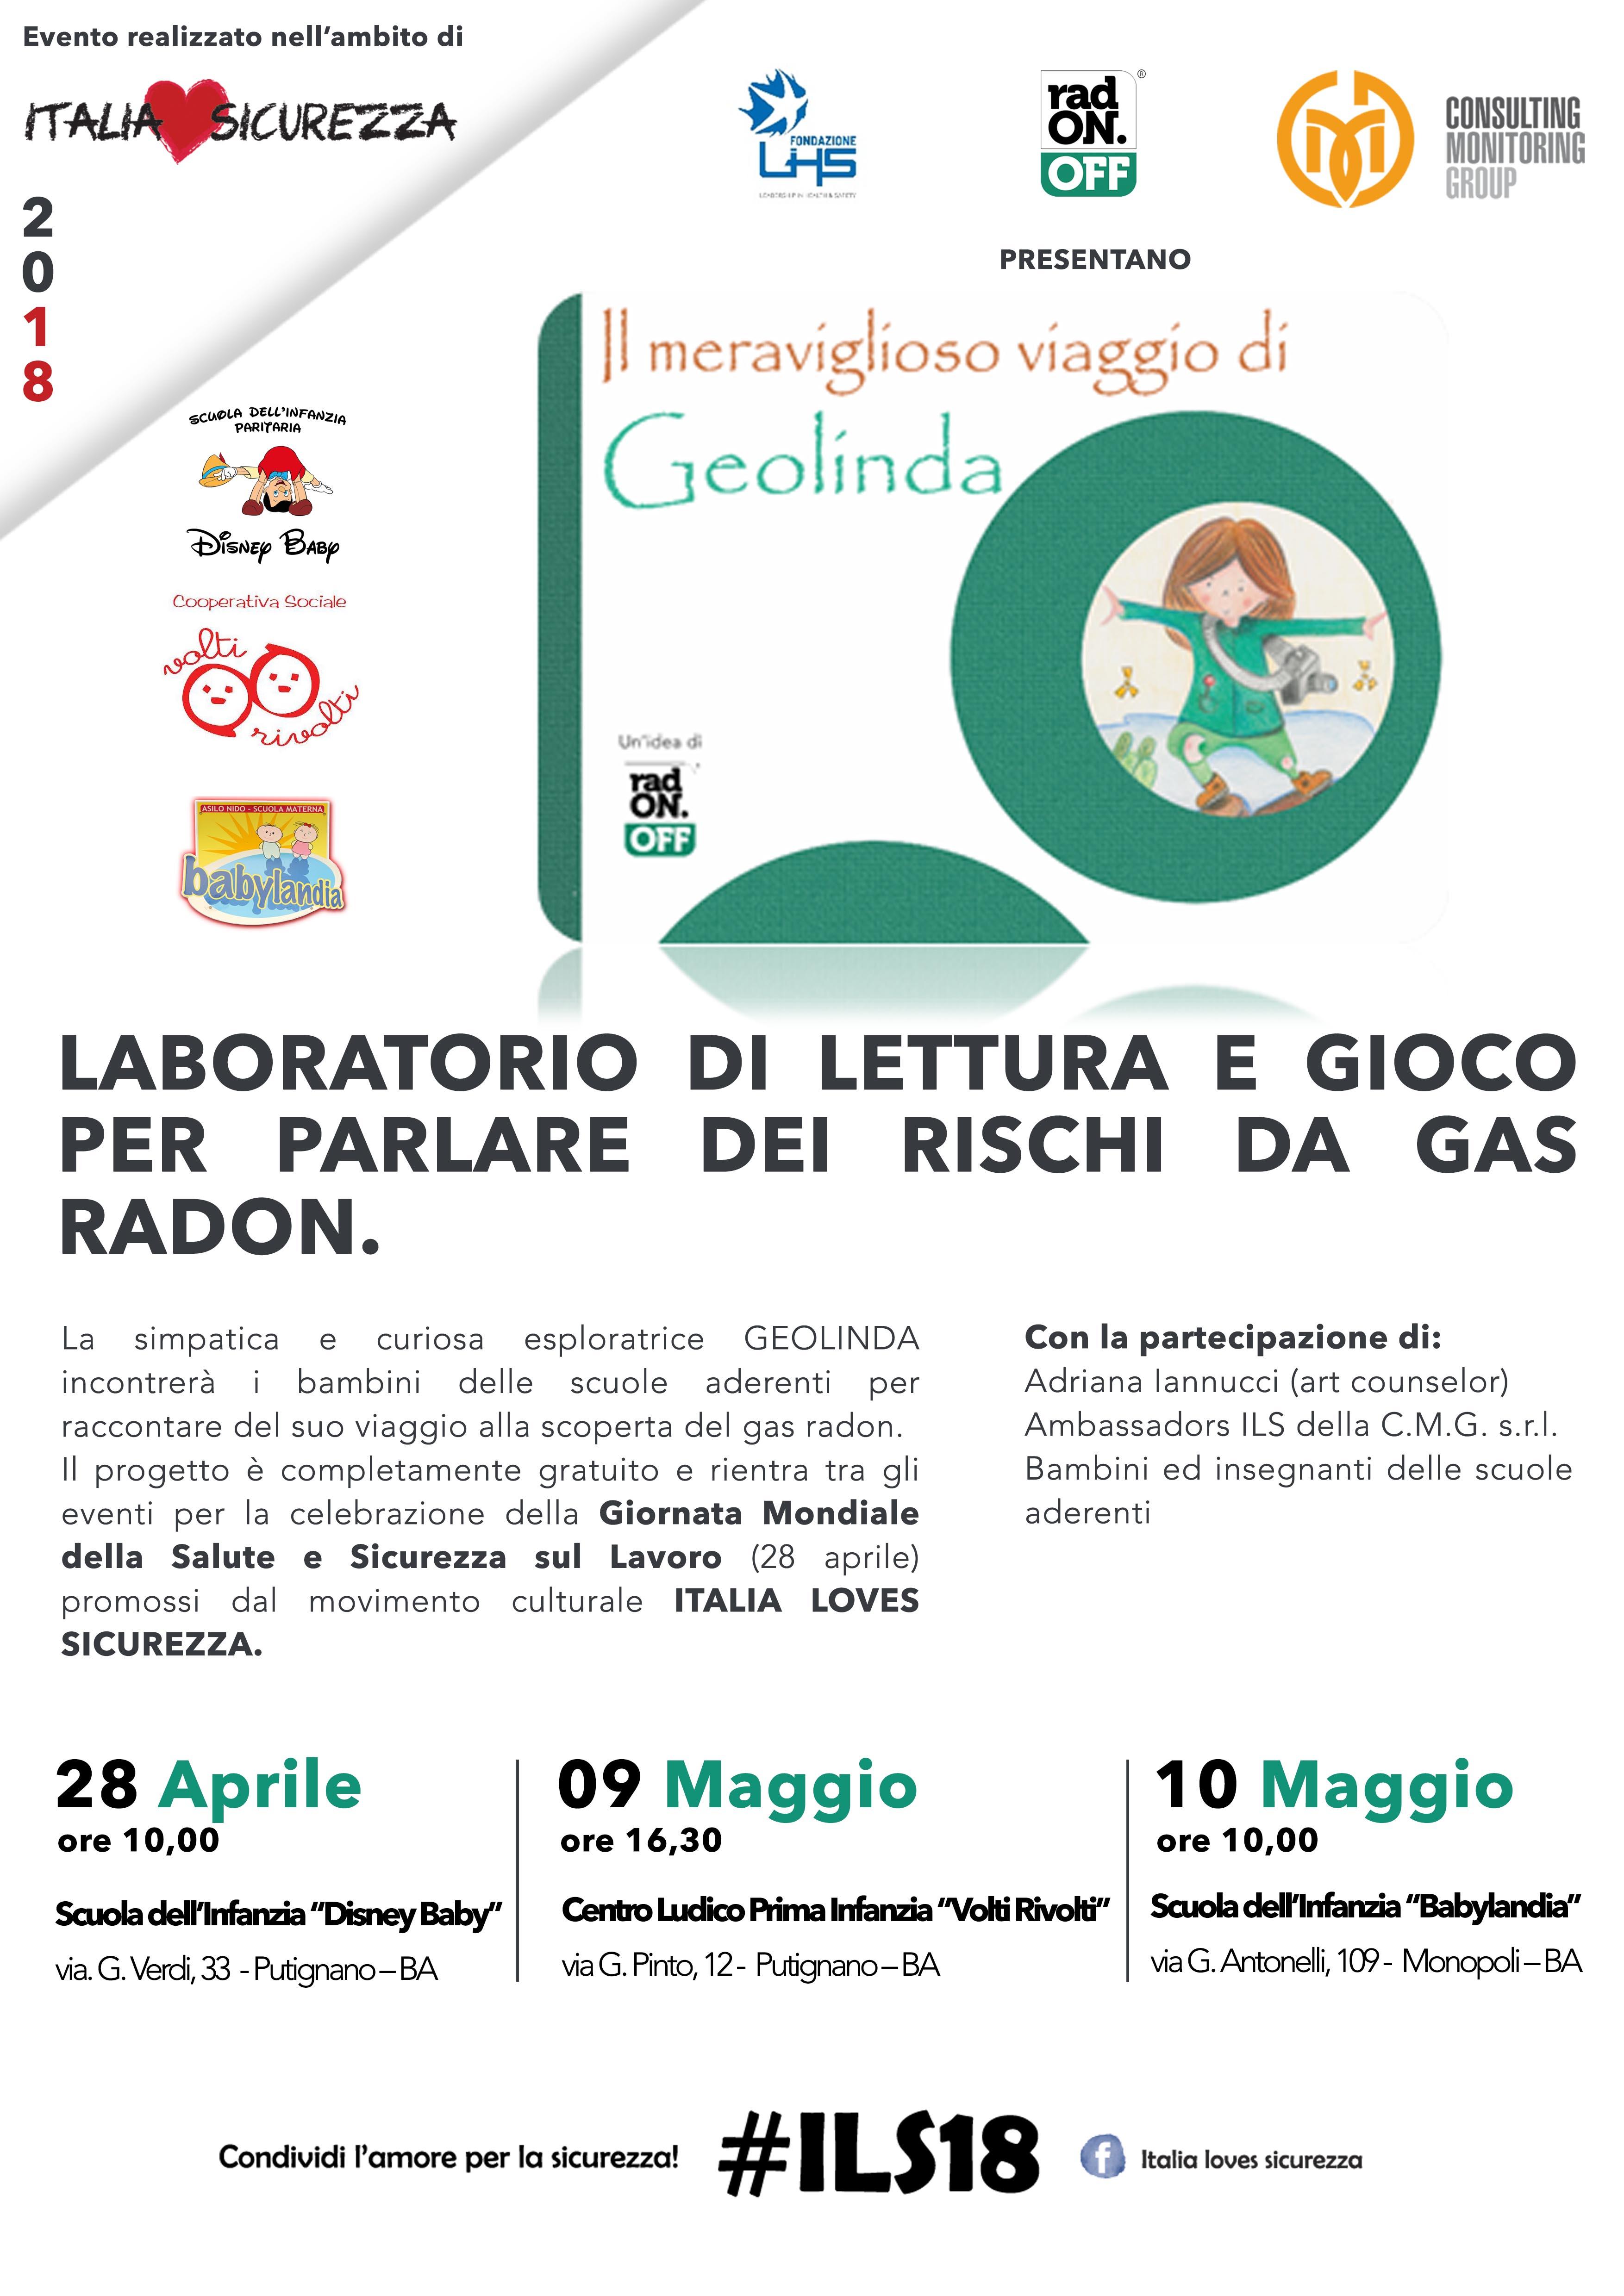 http://www.fondlhs.org/wp-content/uploads/2018/04/IL-MERAVIGLIOSO-VIAGGIO-DI-GEOLINDA_LOCANDINA.jpg